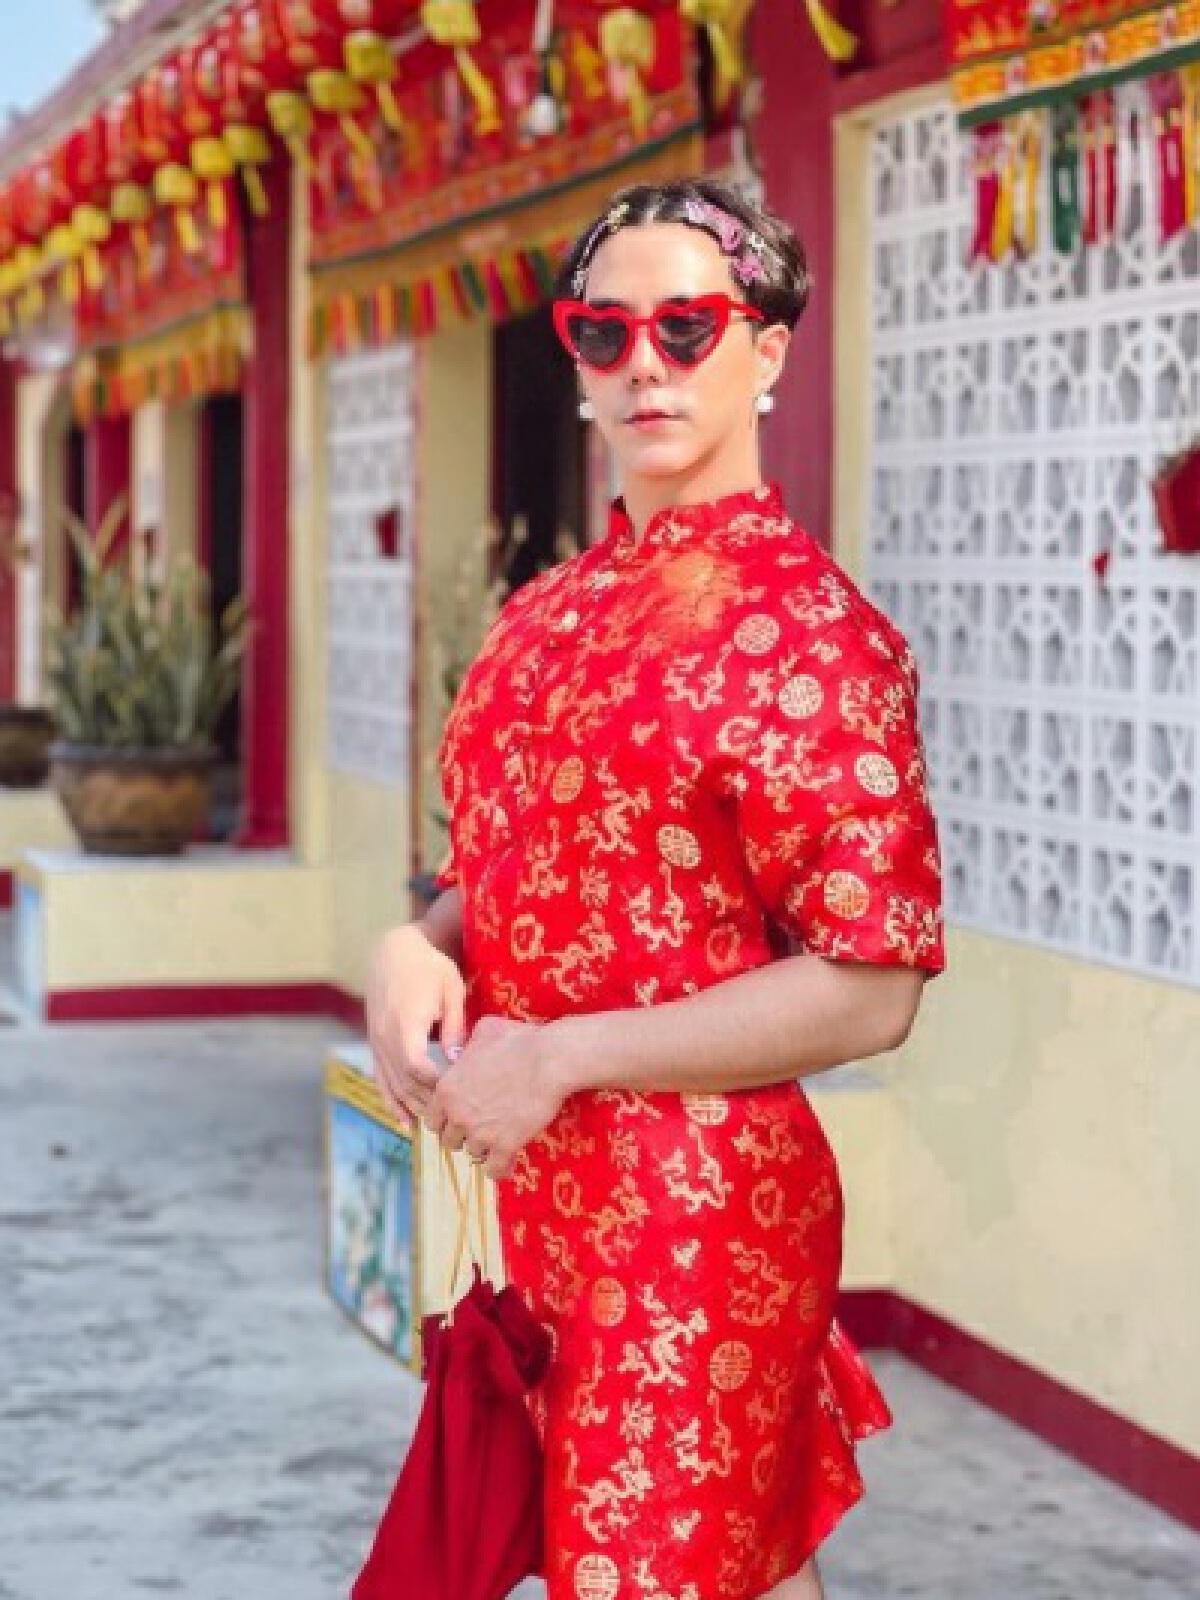 เขื่อน เคโอติก จัดเต็ม! อวดลุคอาหมวย ใส่ชุดกี่เพ้าต้อนรับตรุษจีน